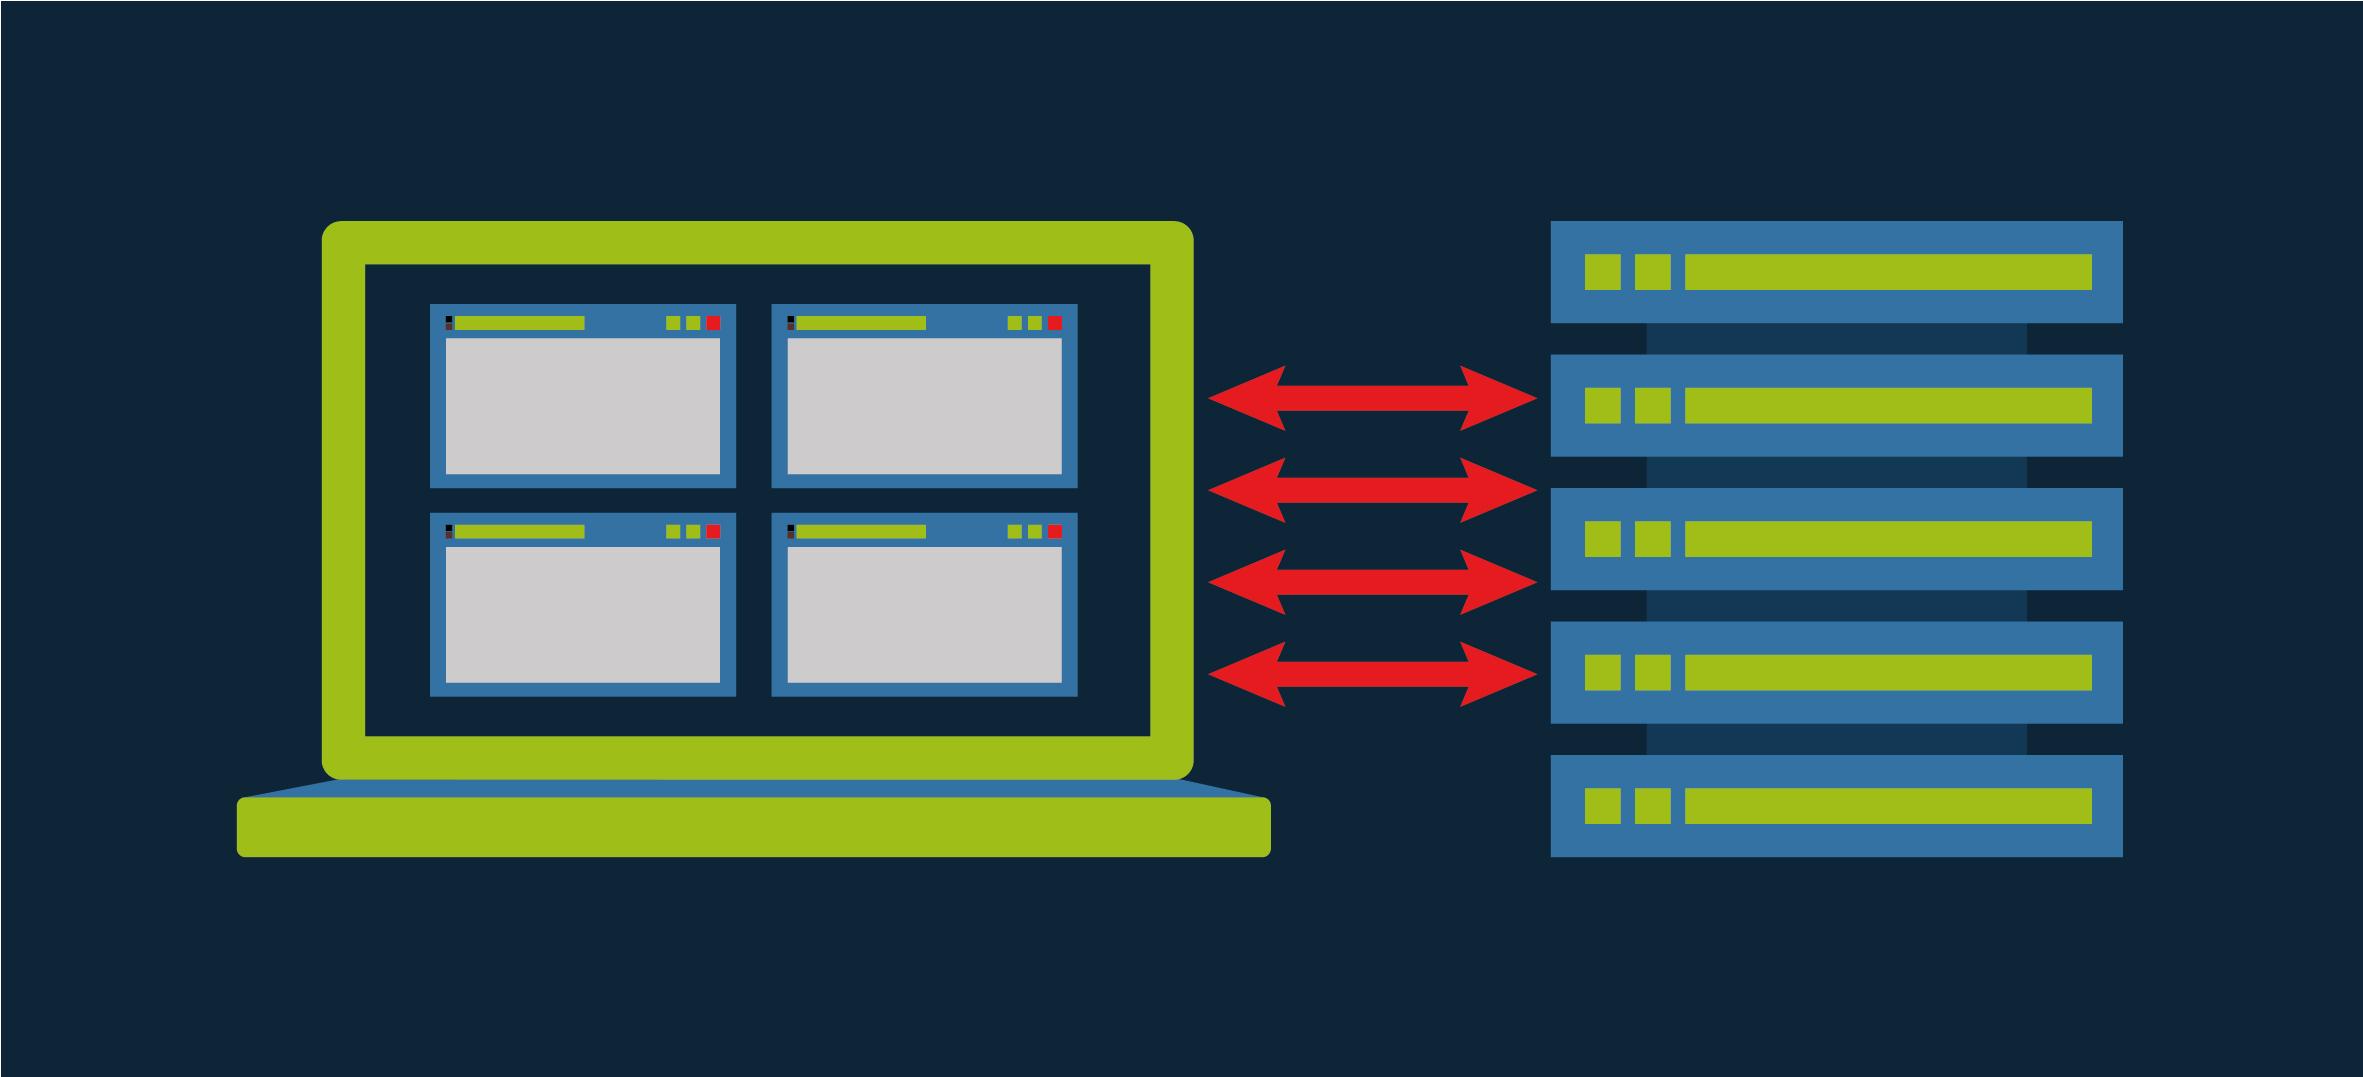 NeuroCheck Software Extensions InterComm (Image © NeuroCheck)